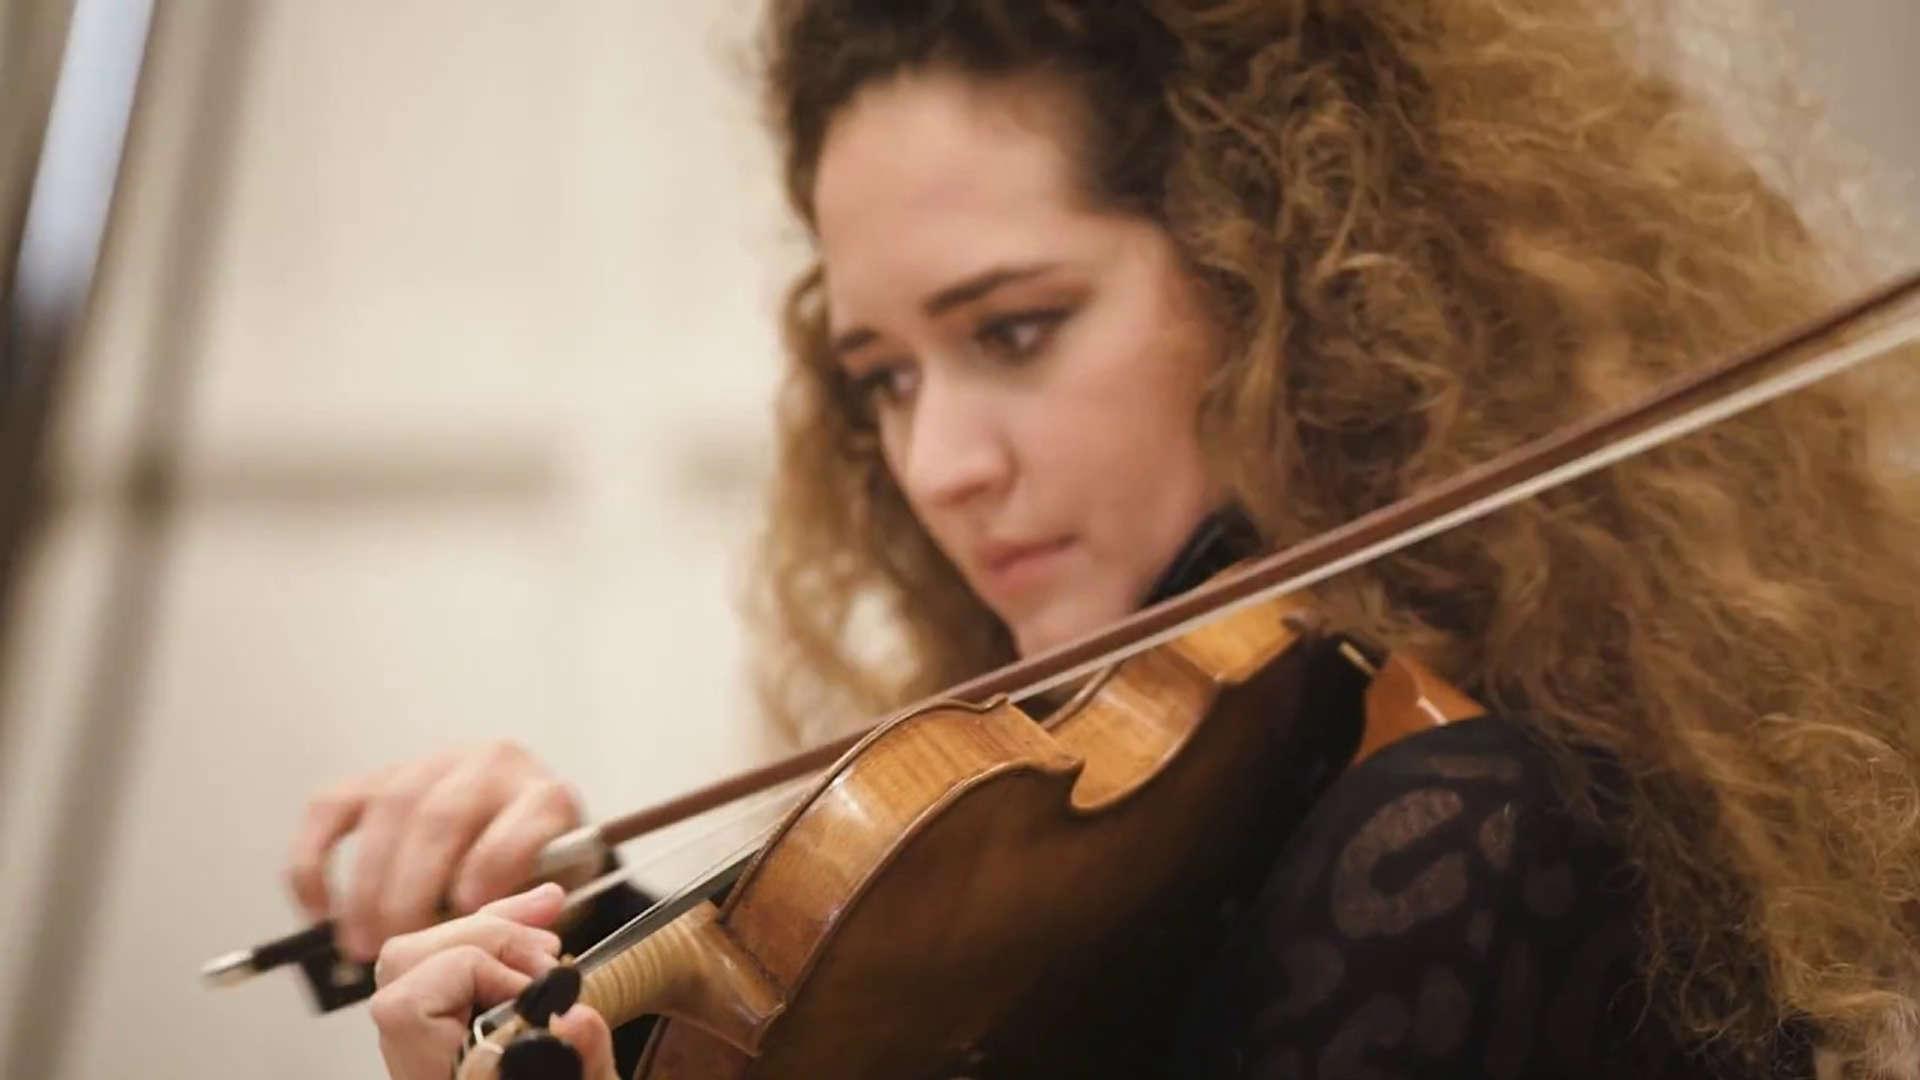 Saschka Haberl